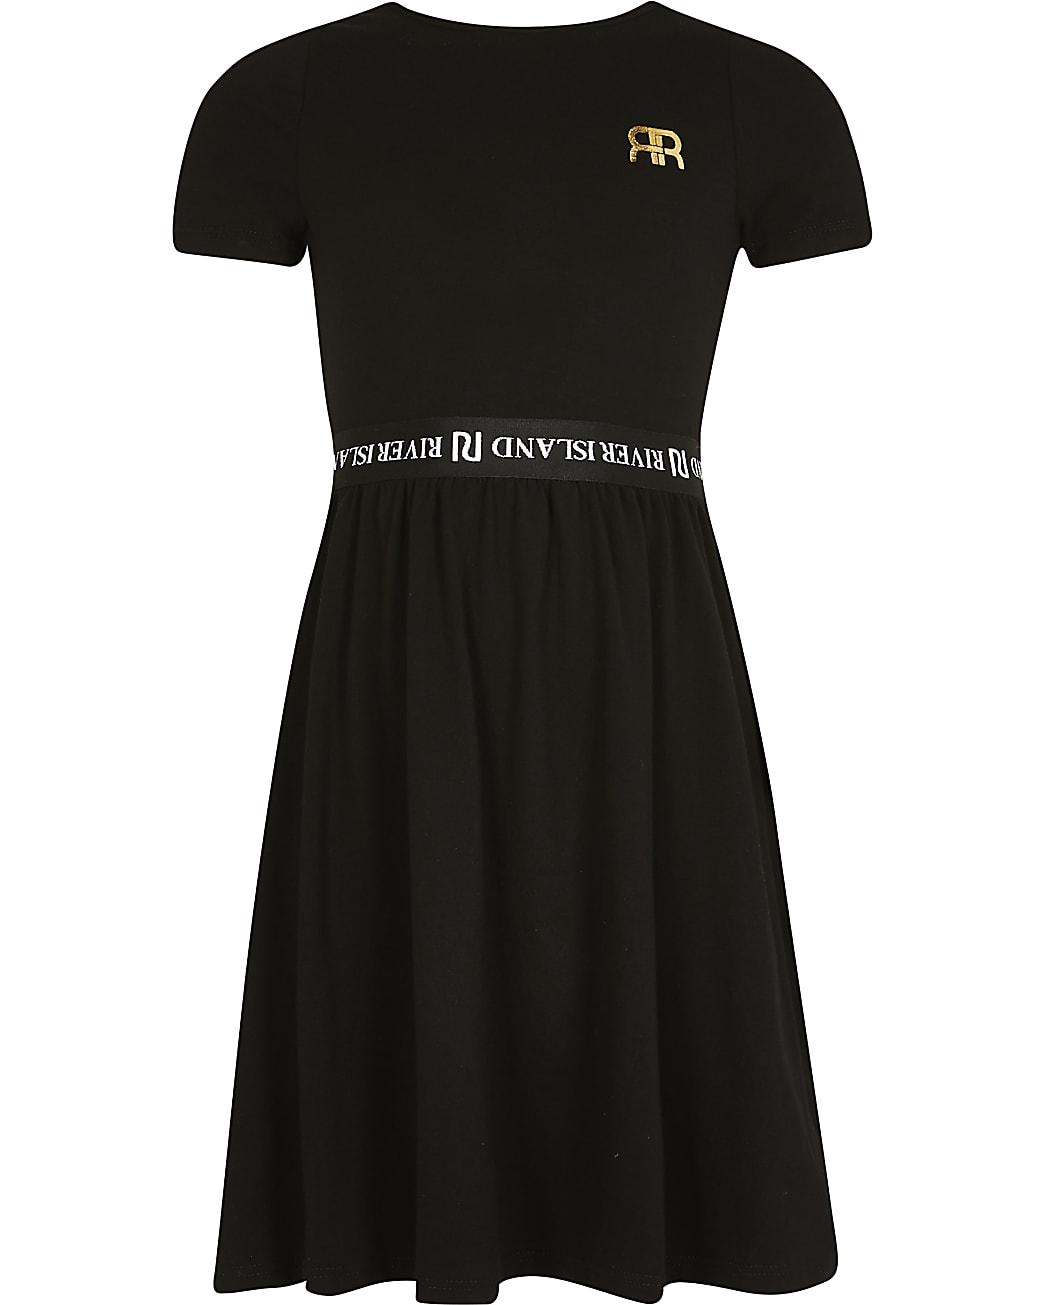 Girls black skater dress